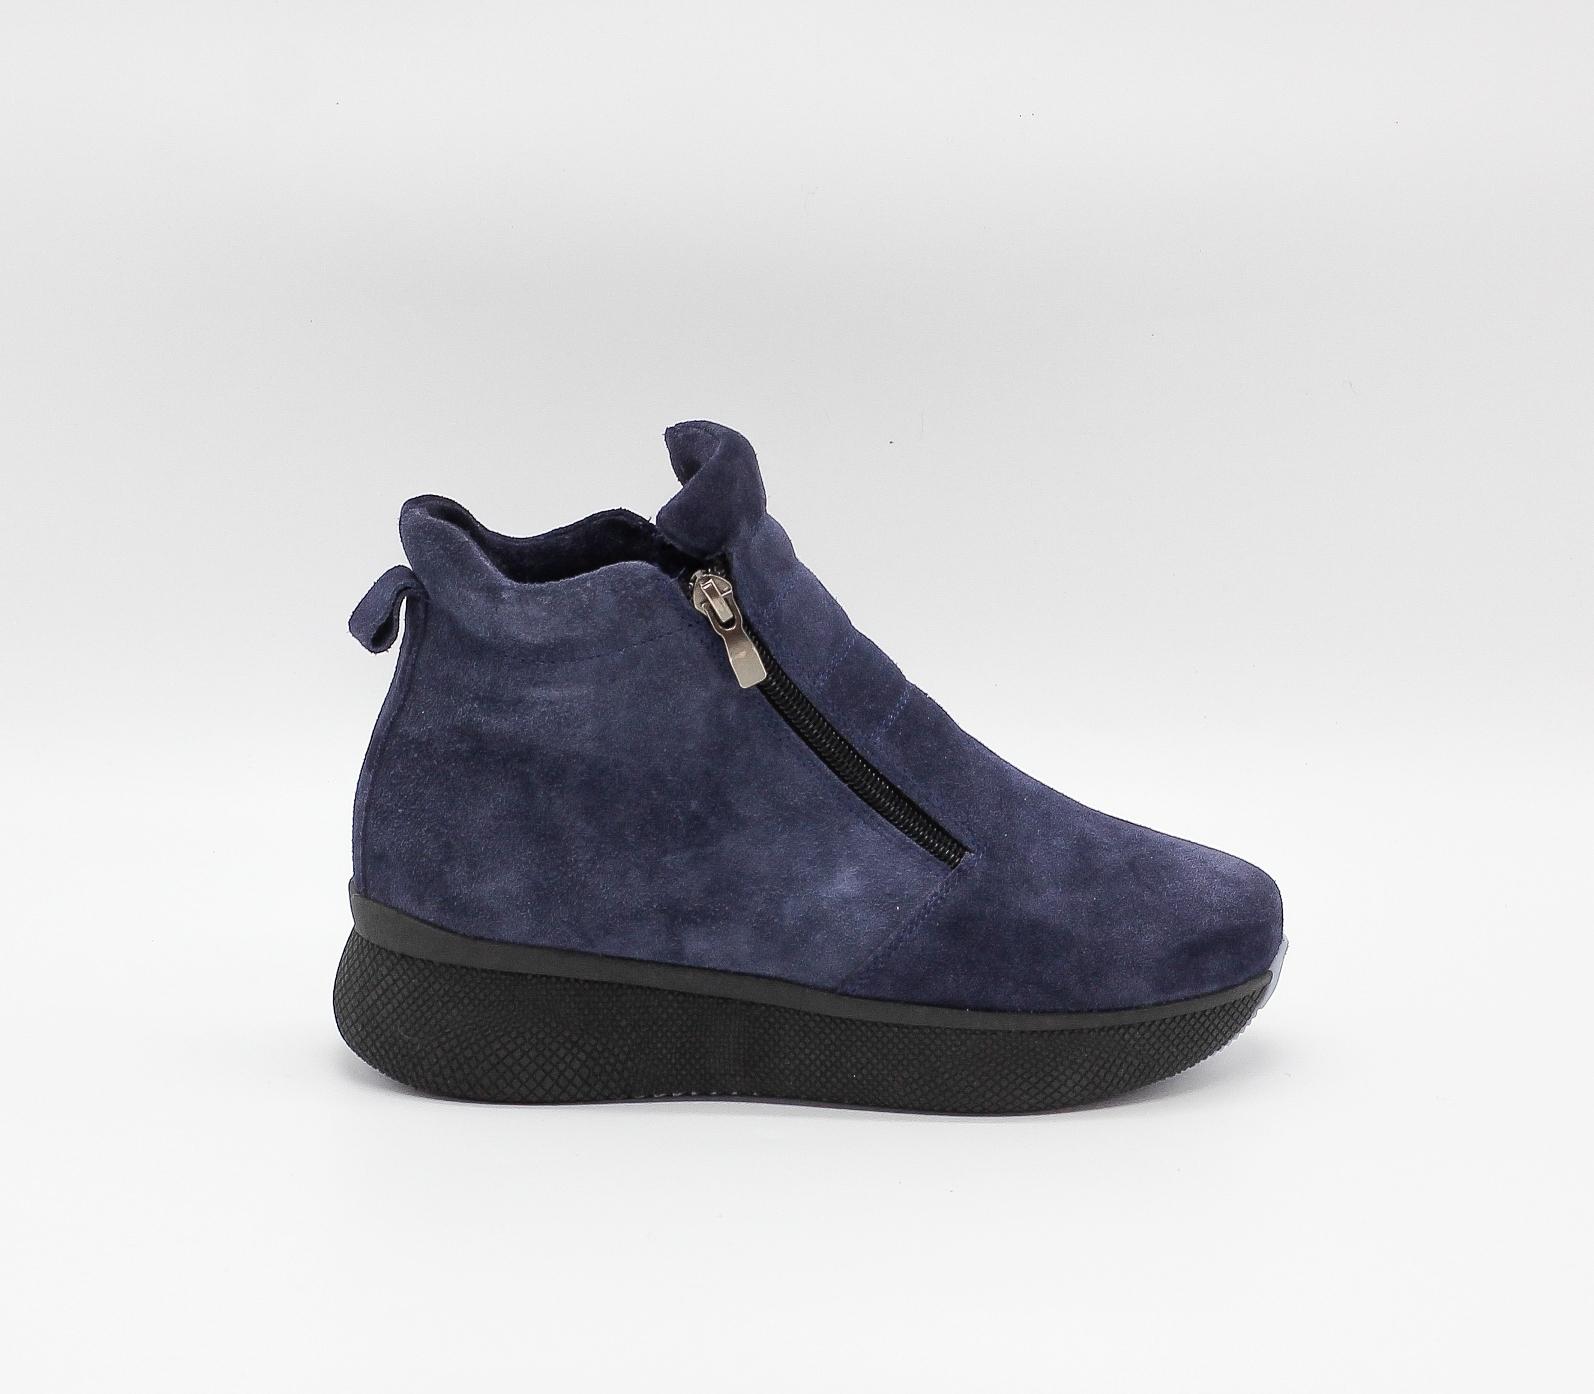 Зимние синие ботинки из натурального велюра на платформе